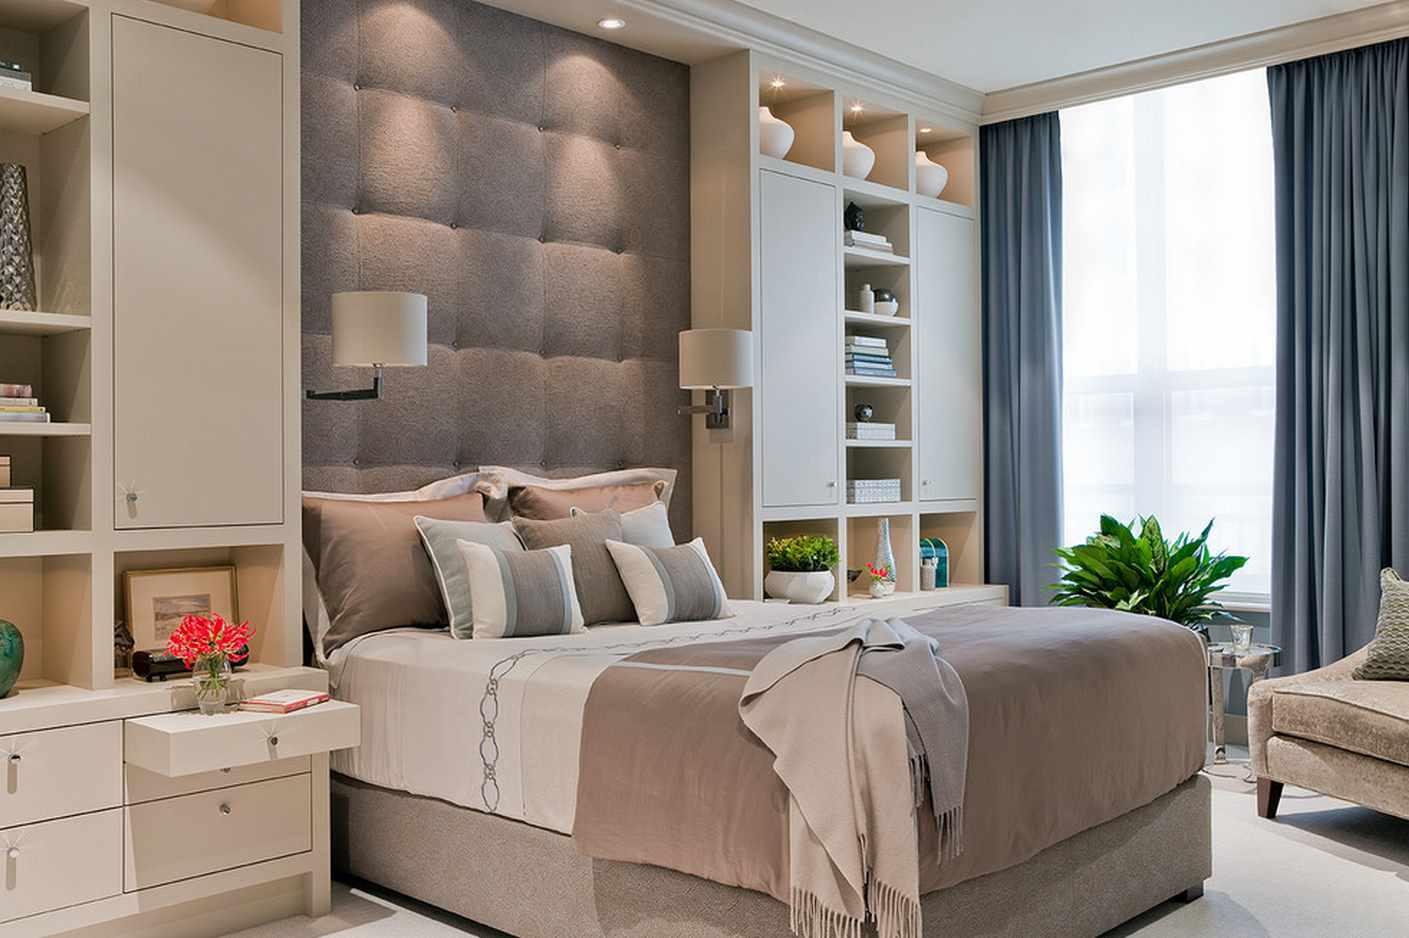 идея красивого интерьера спальной комнаты